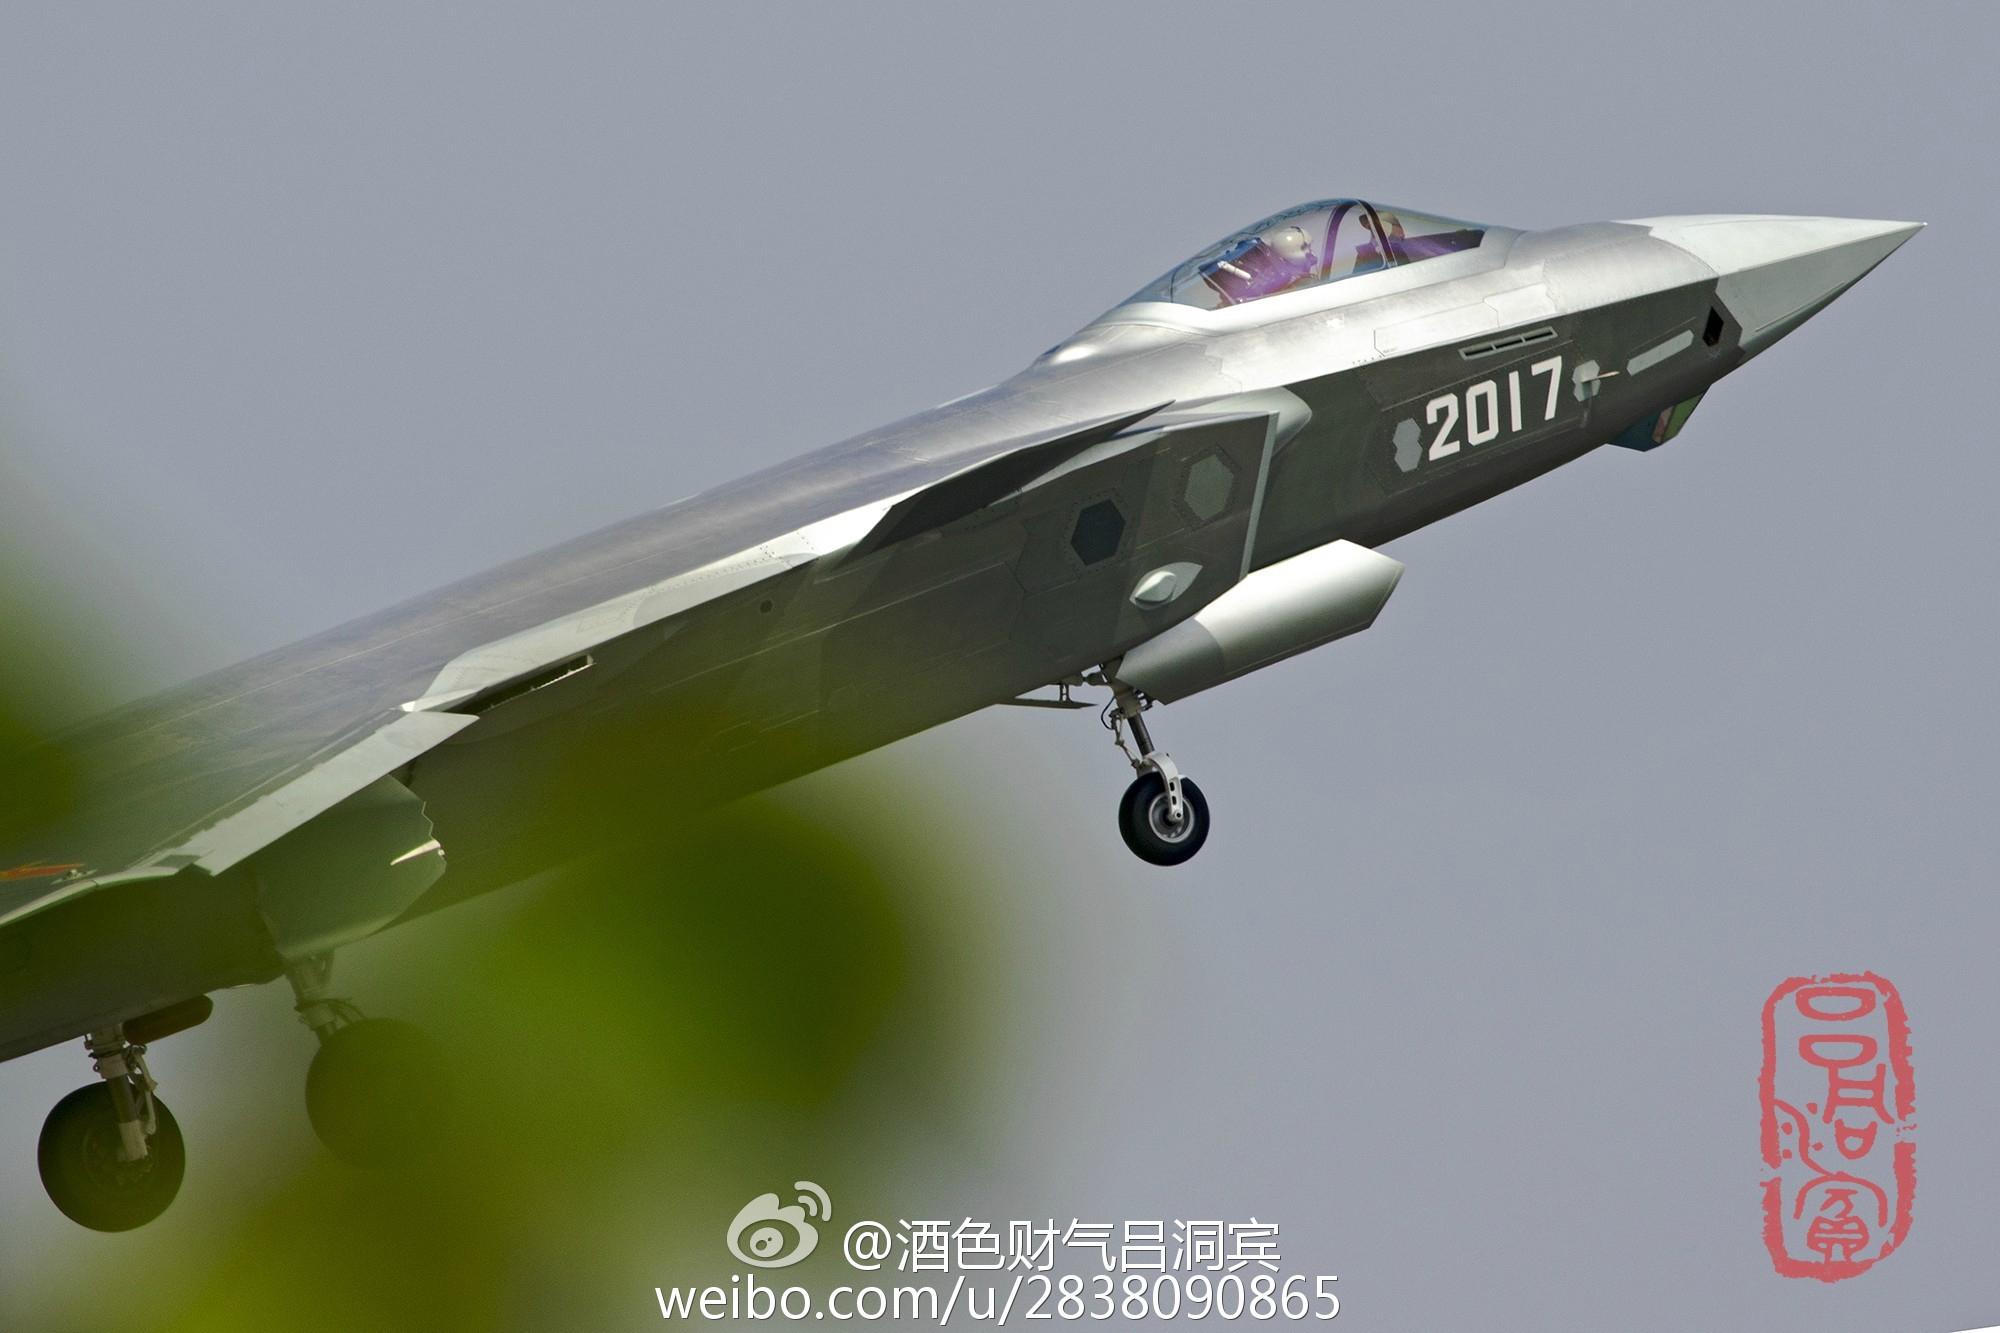 中国成美国军人眼中头号大敌 被指对美最有威胁